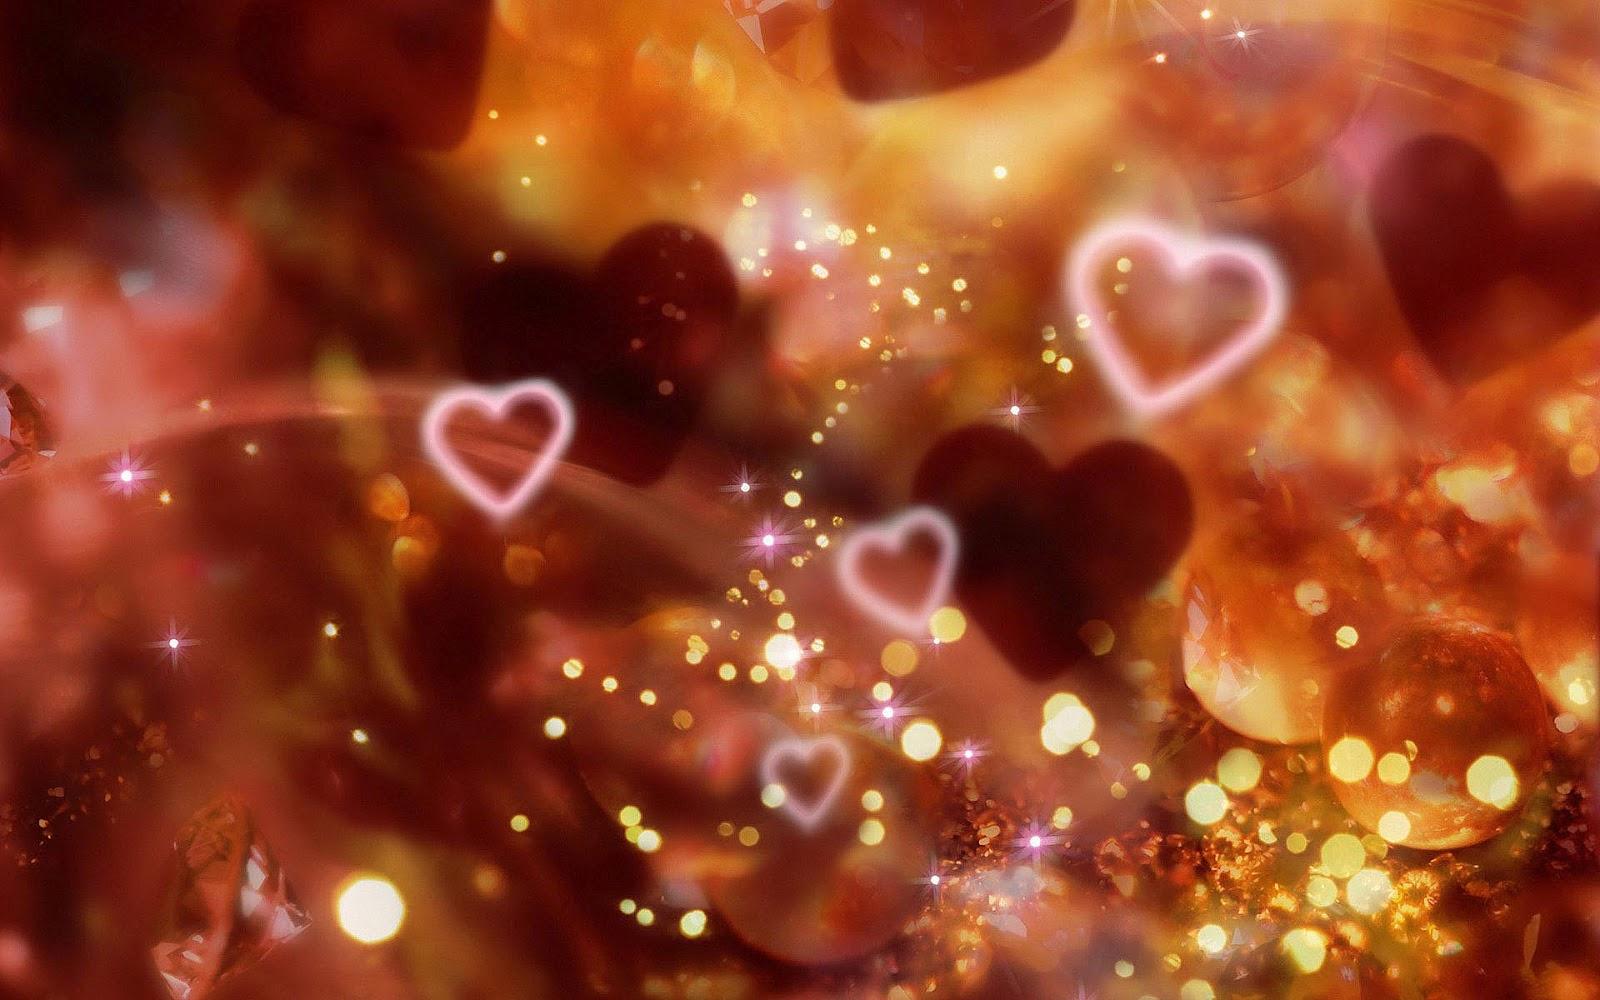 http://1.bp.blogspot.com/-qQLognQ16tA/UFzHIbunSqI/AAAAAAAADIA/Jrm8DCUe_Z4/s1600/hd-bruine-kerst-achtergrond-met-liefdes-hartjes-hd-kerst-wallpaper.jpg